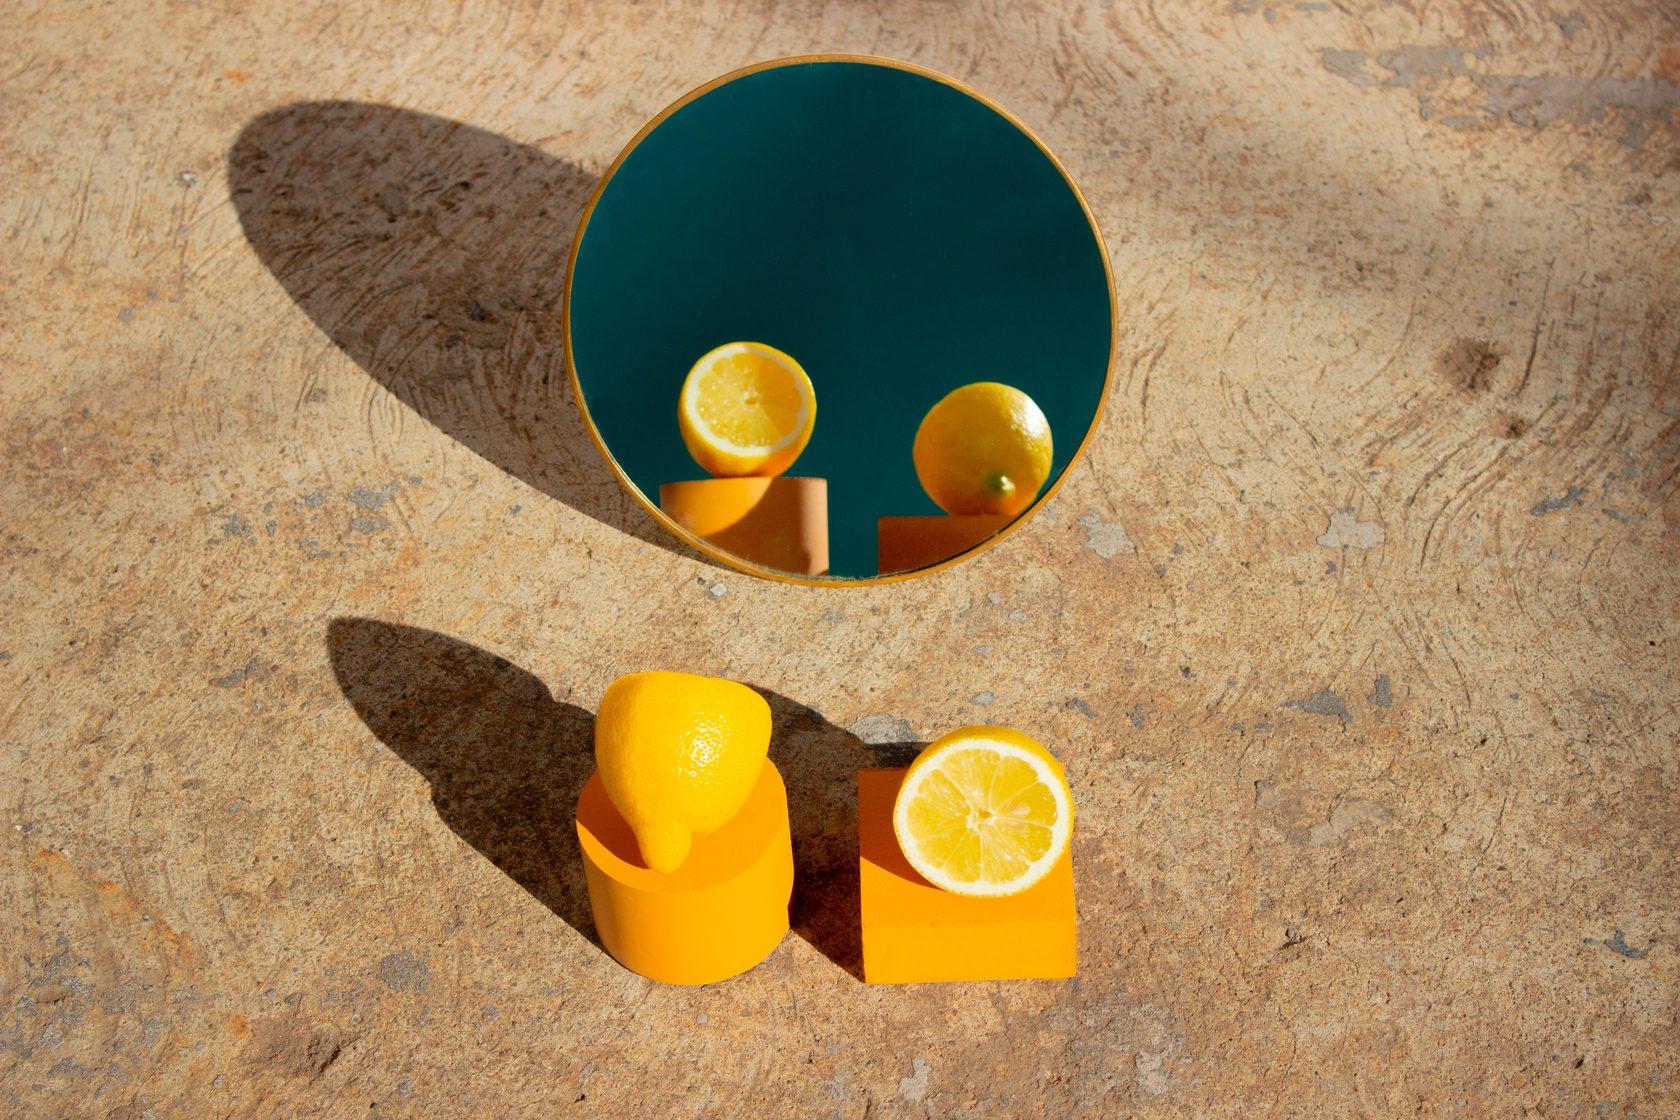 лимон для уборки